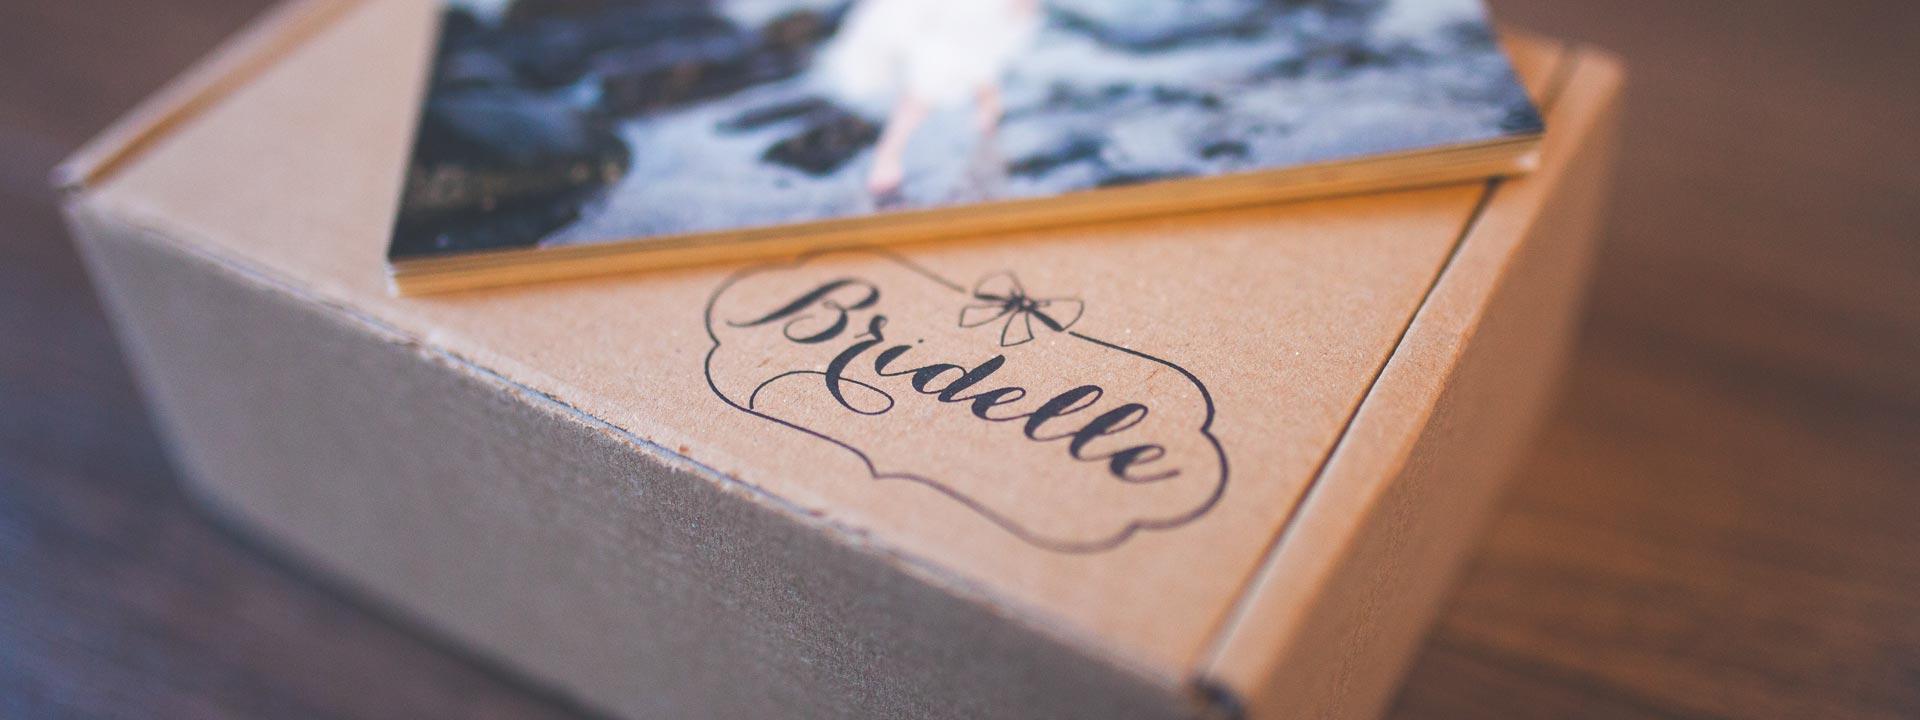 Bribox czyli ślubny marketing bezpośredni pudełko